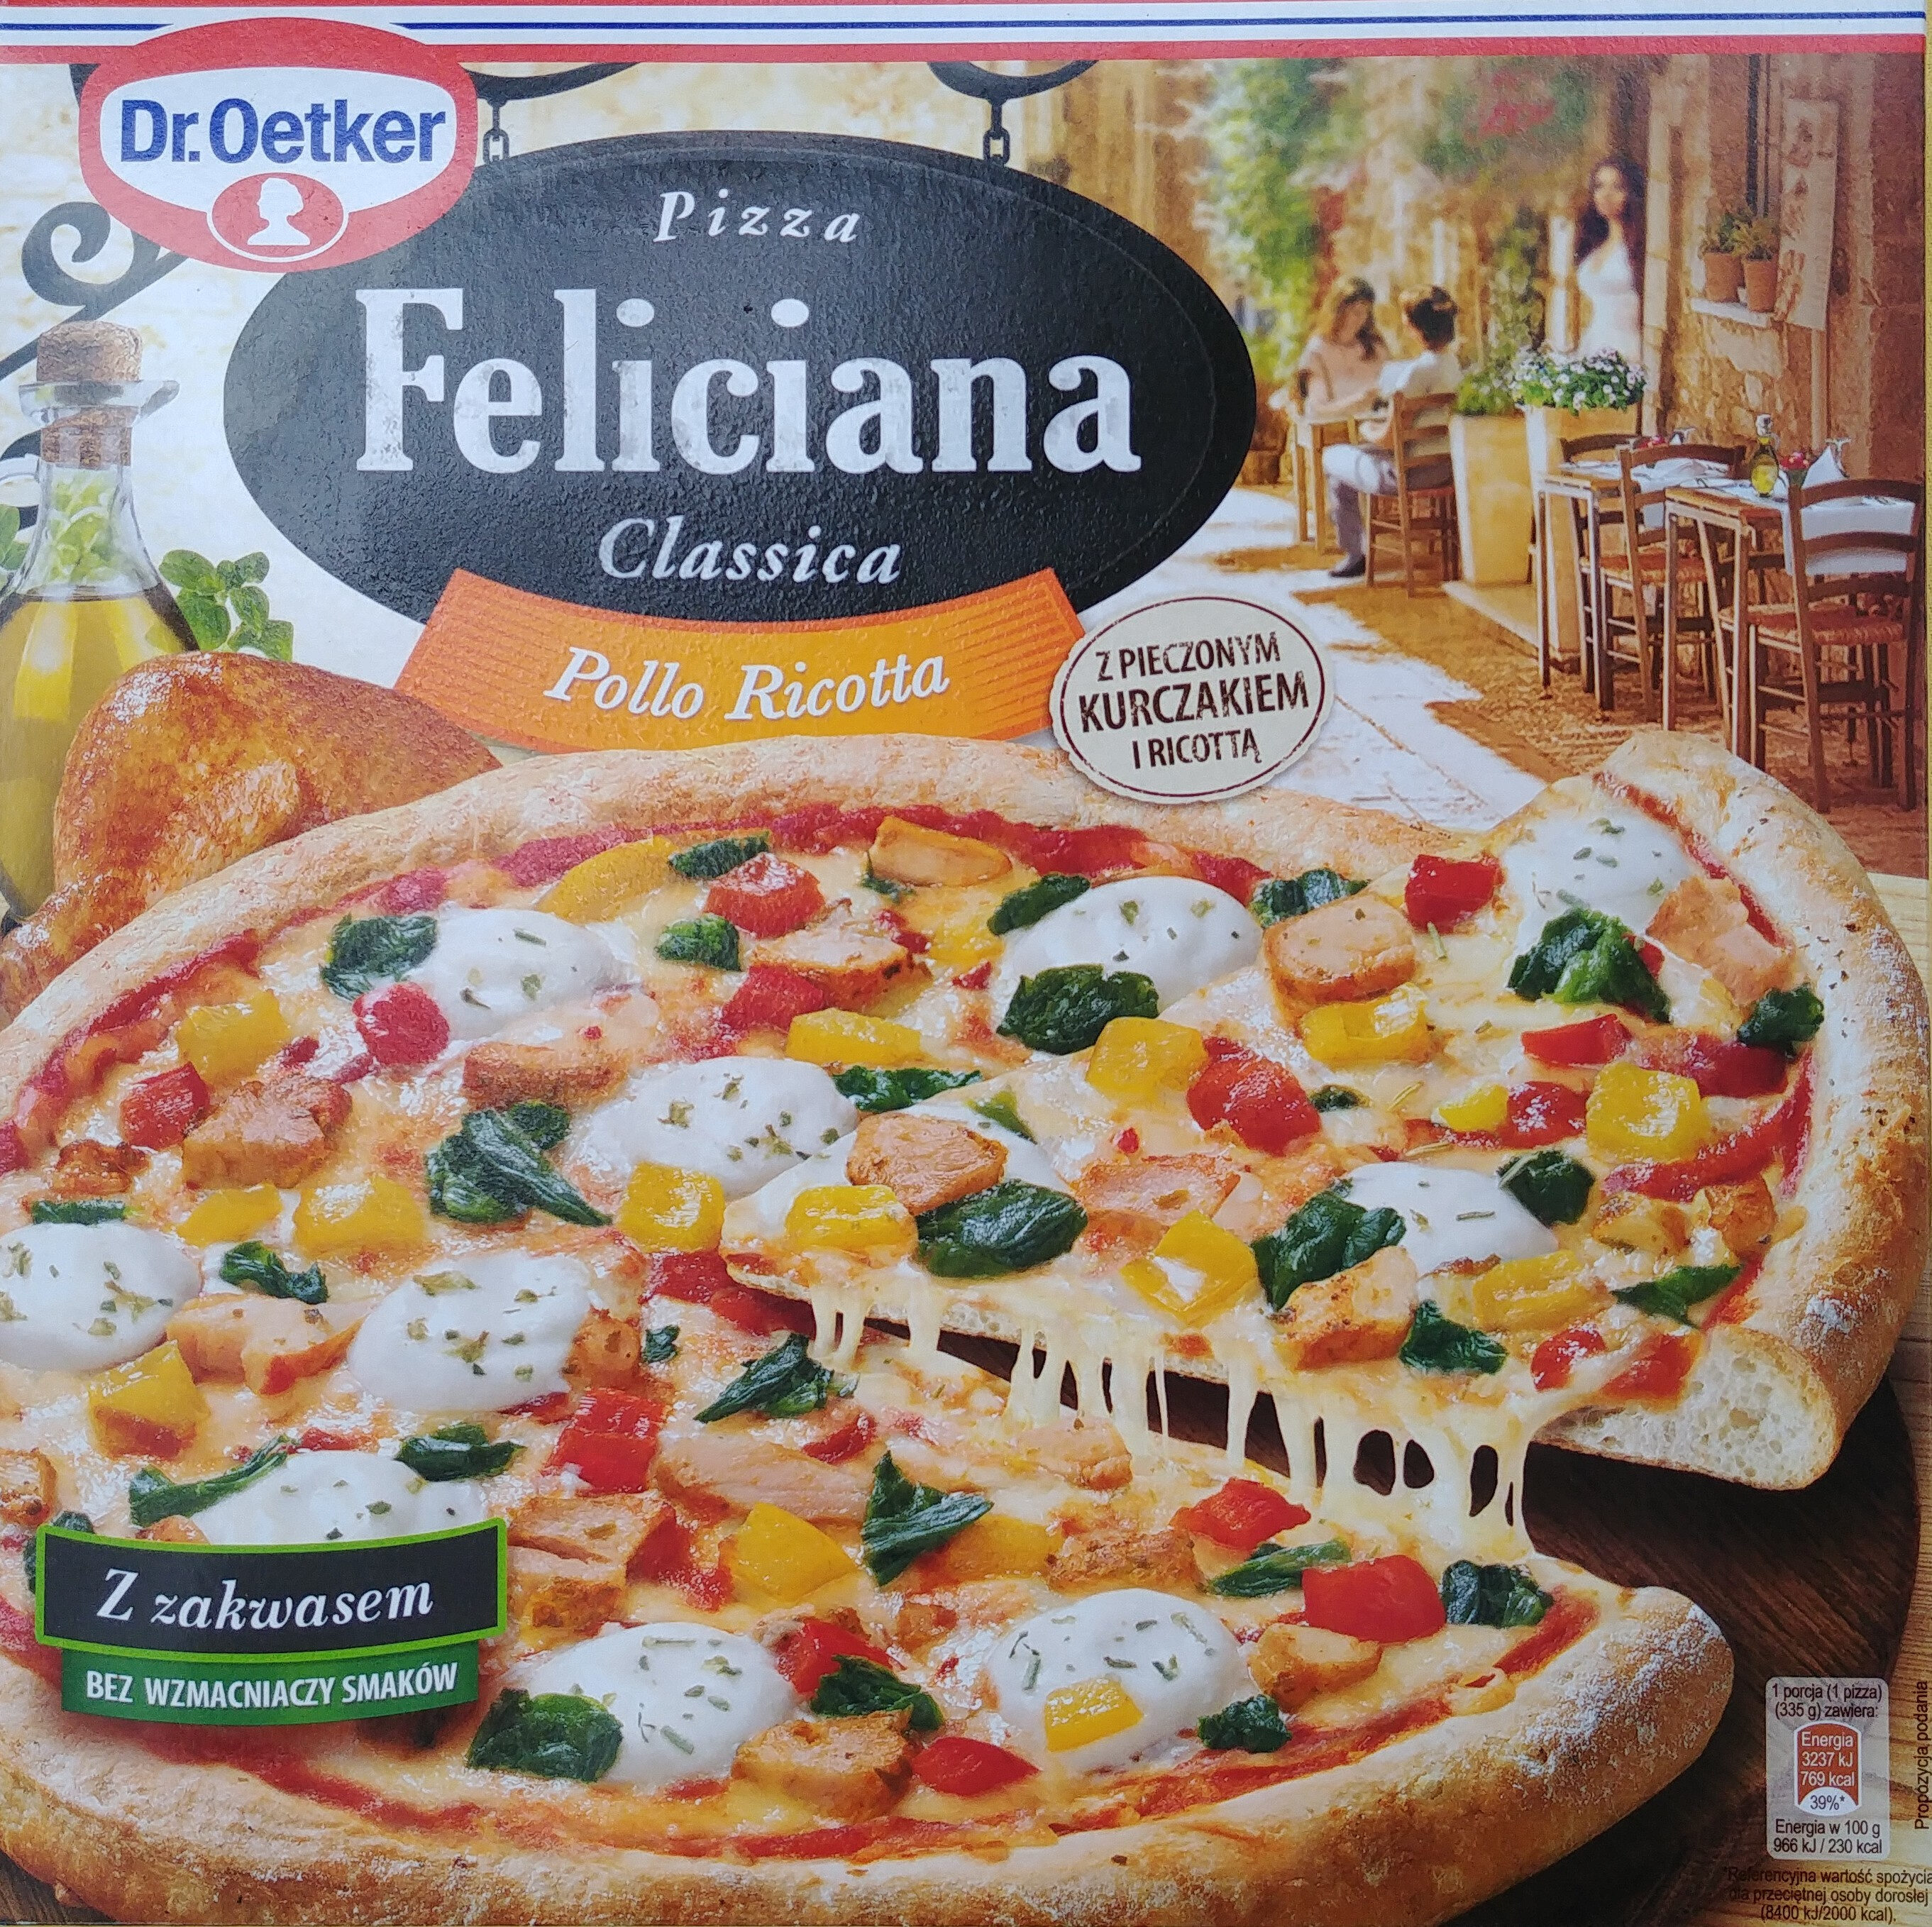 Pizza z pieczonym kurczakiem i serem ricotta, głęboko mrożona. - Product - pl